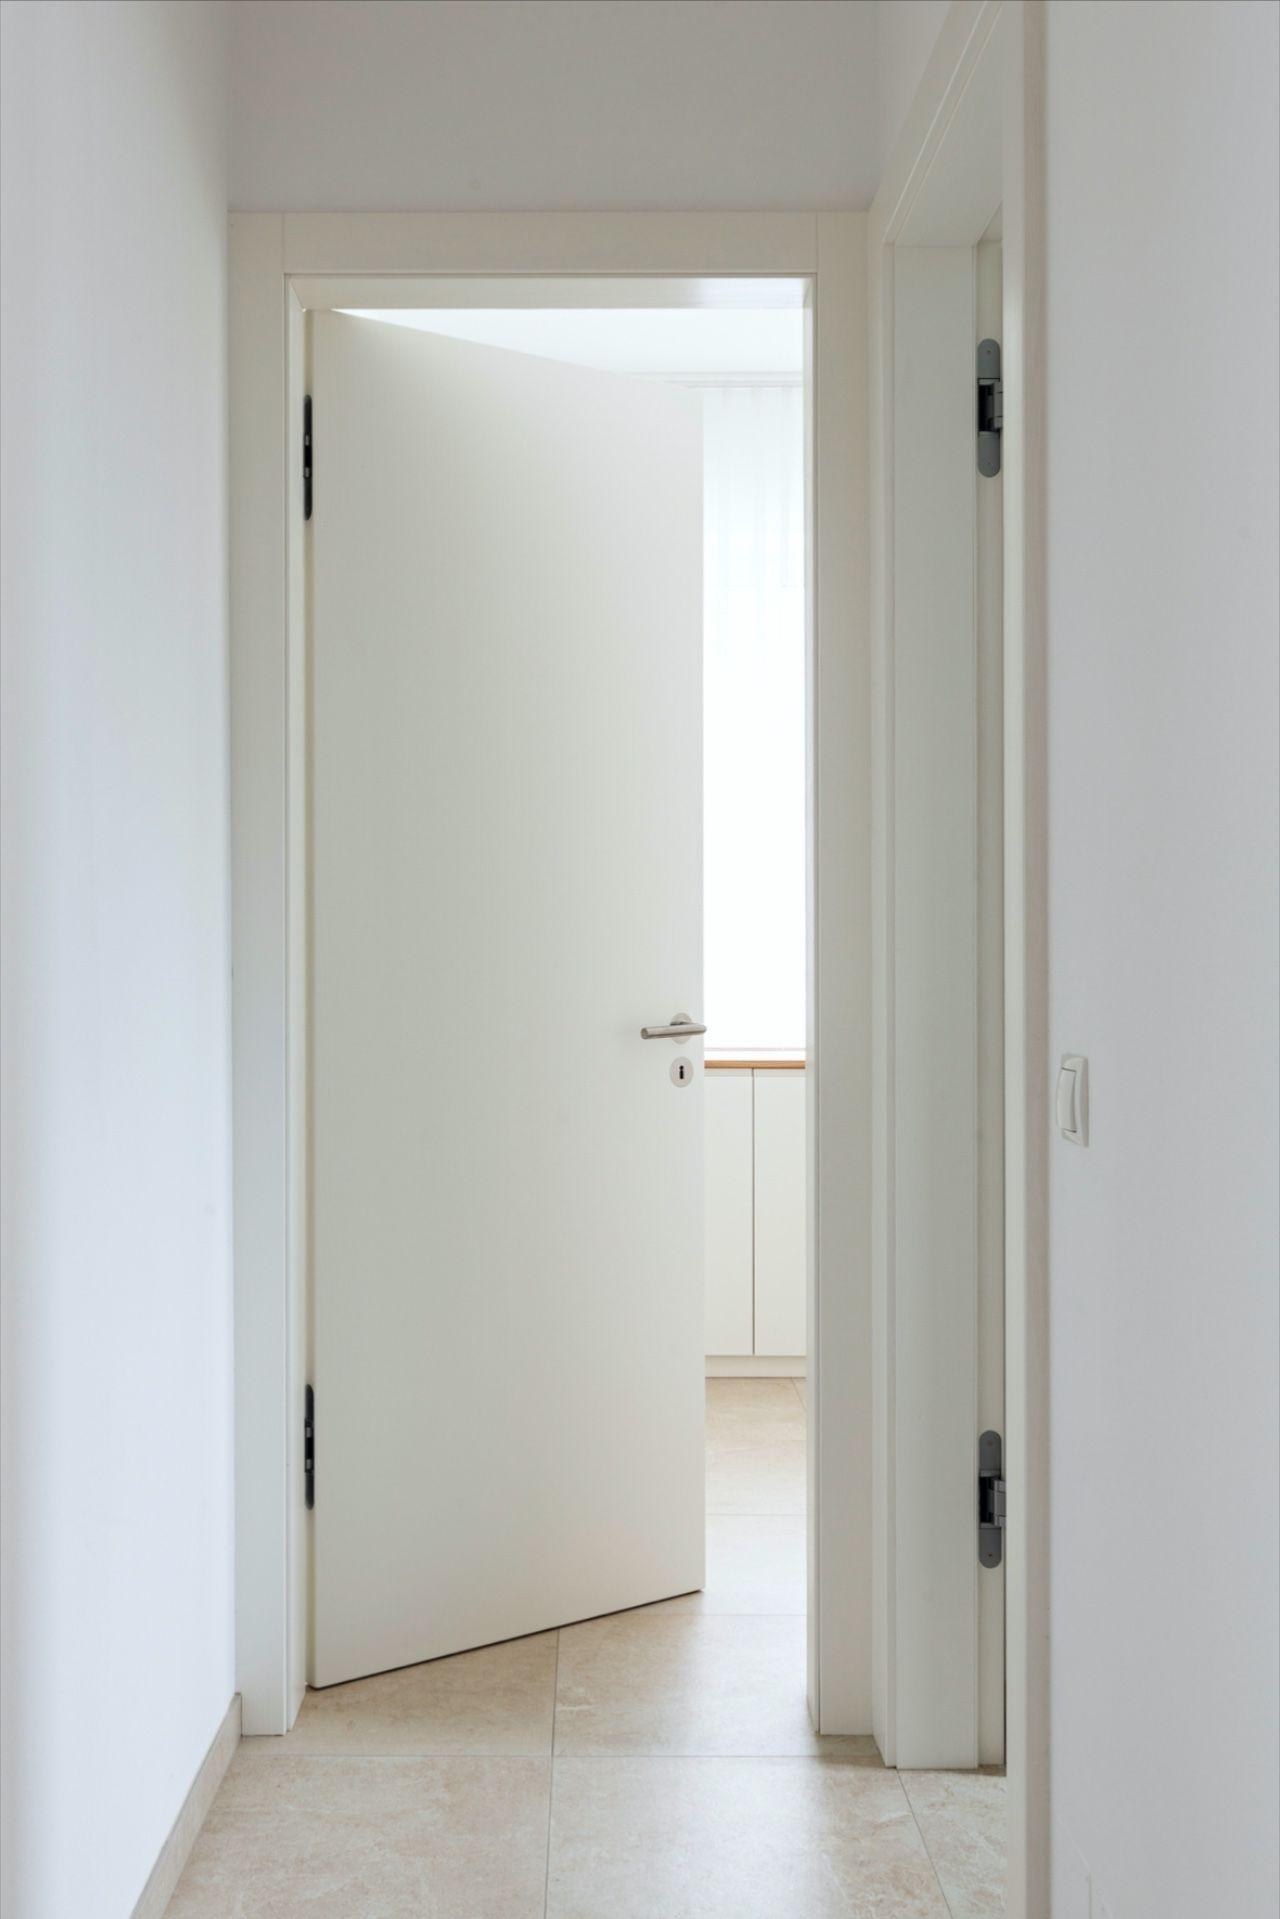 Massivholzture Weiss In 2020 Haus Weisse Turen Einfaches Haus